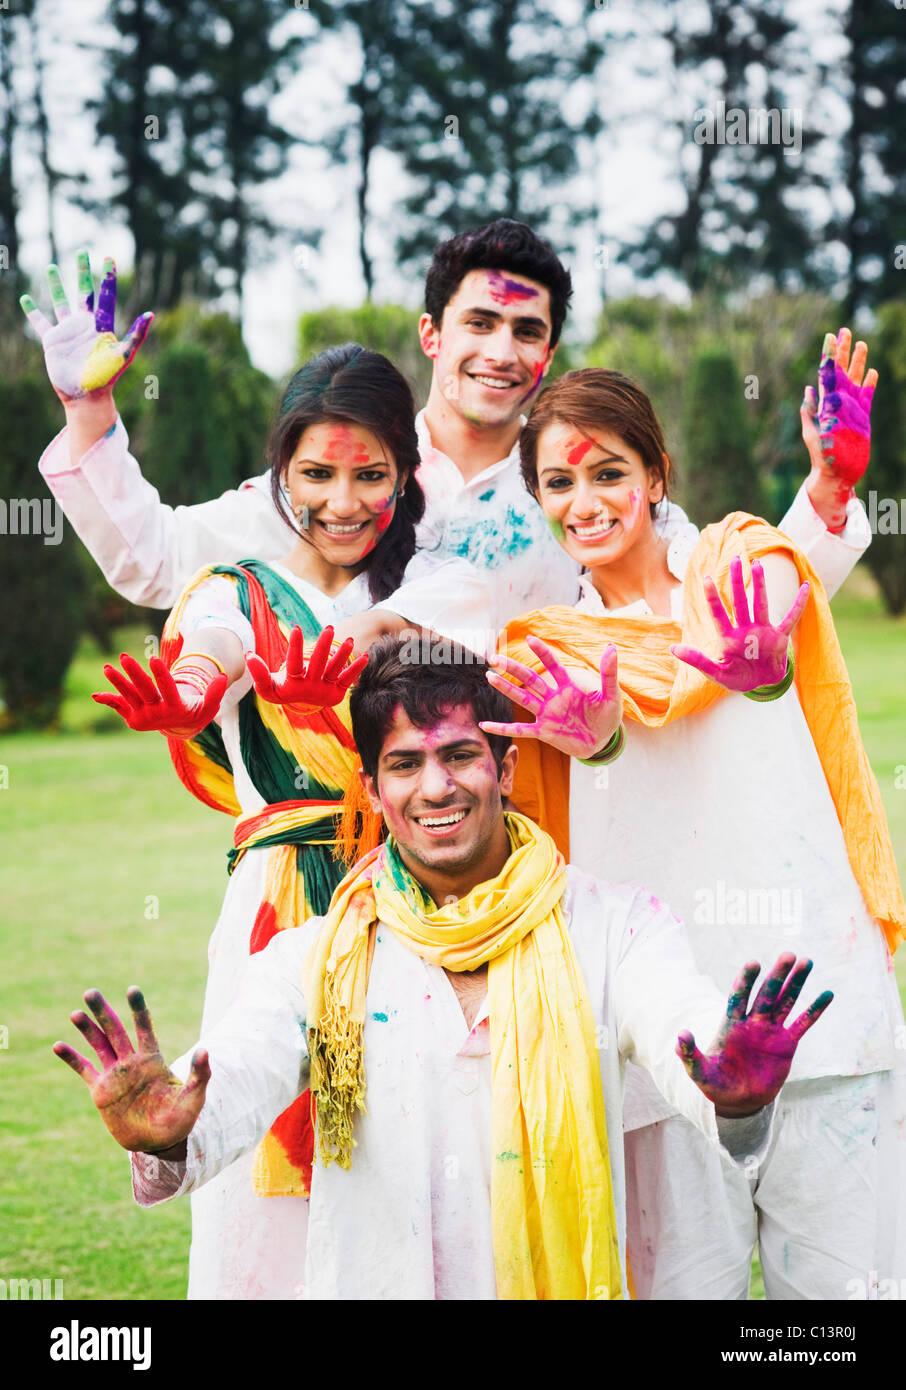 Amici mostrando loro colorati mani mentre celebra Holi Immagini Stock